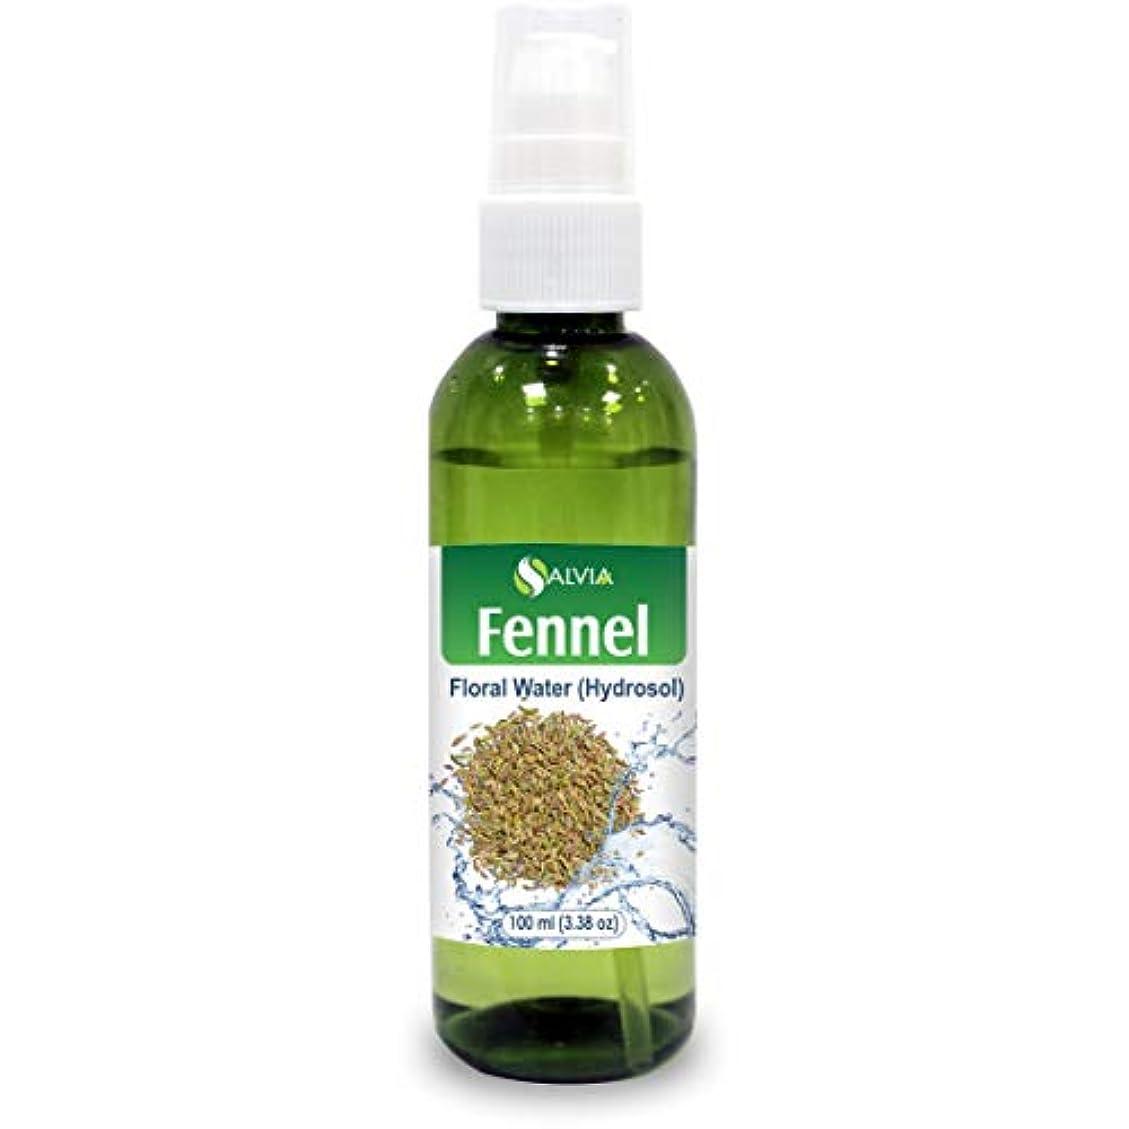 脈拍ロマンス甘やかすFennel Floral Water 100ml (Hydrosol) 100% Pure And Natural